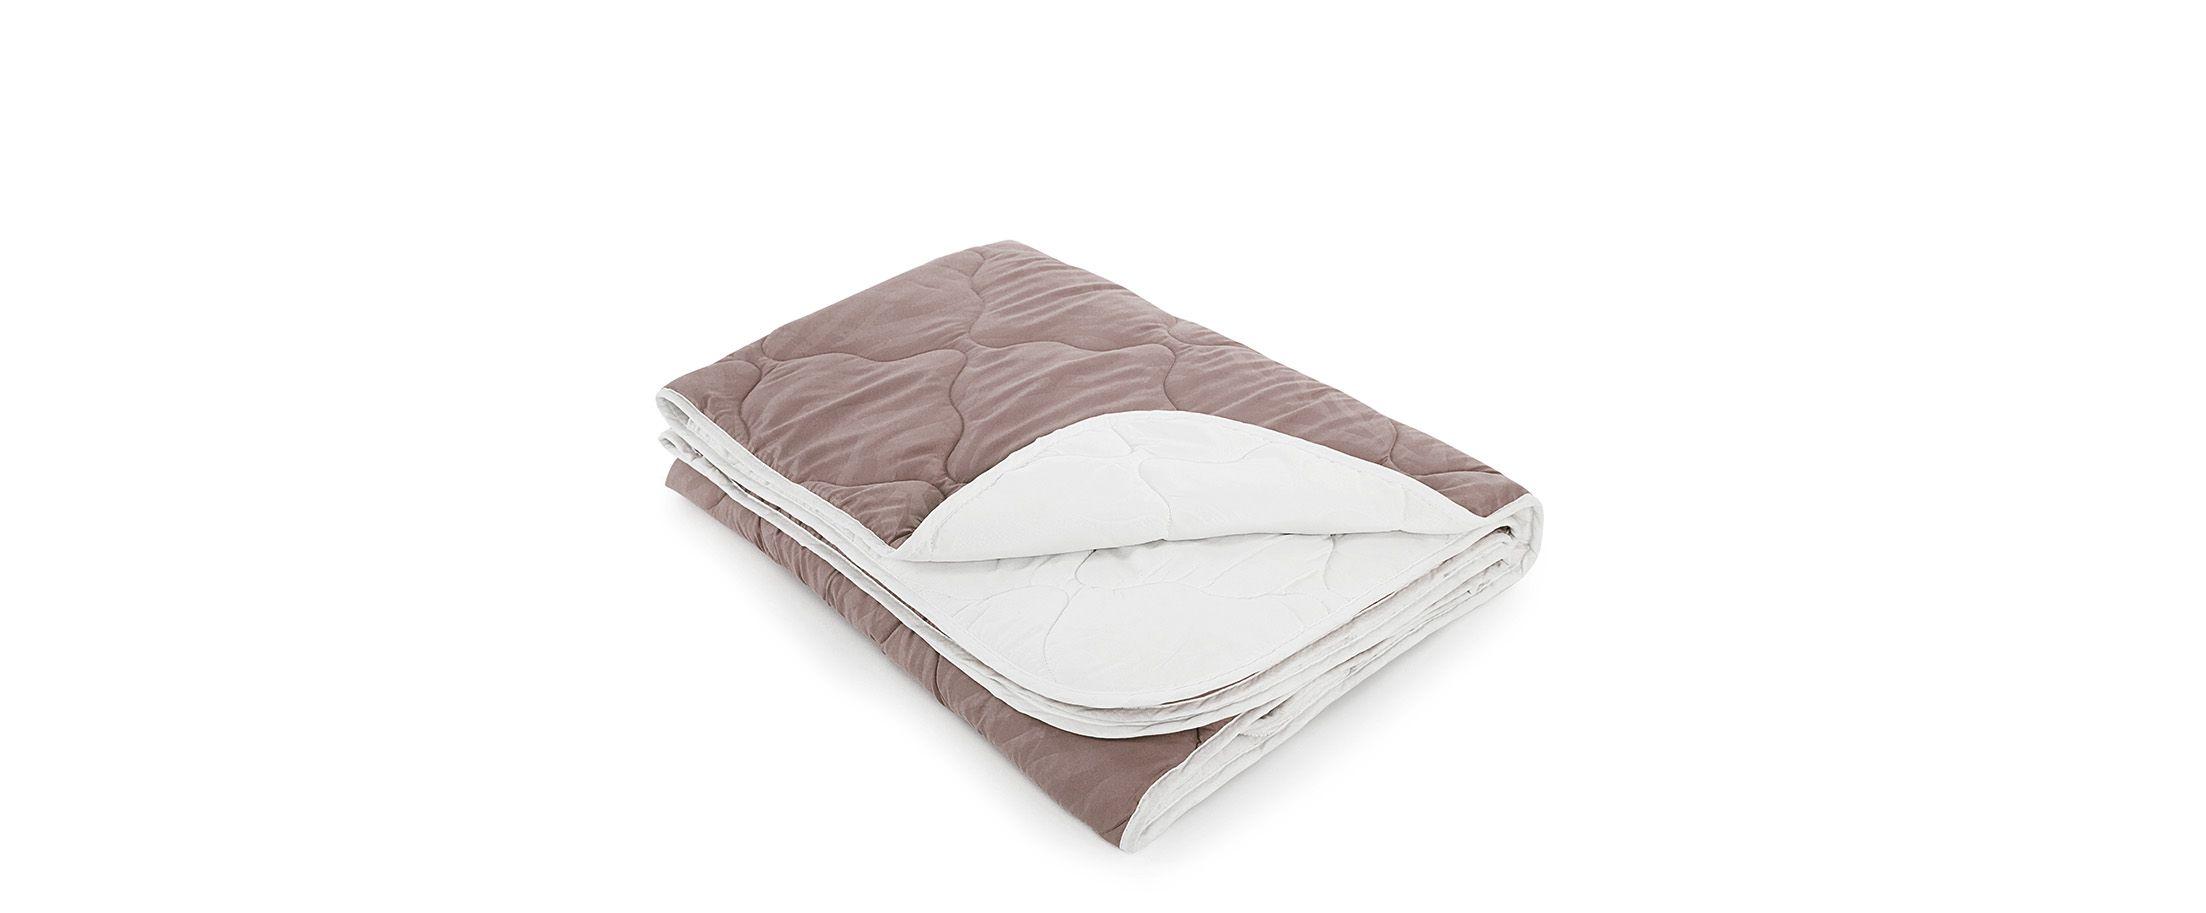 Одеяло «Для тебя» 200х220 серого цвета Модель 4004Одеяло «Для тебя» 200х220 серого цвета Модель 4004. Артикул К000740<br><br>Ширина см: 200<br>Глубина см: 220<br>Высота см: 3<br>Цвет: Серый<br>Материал: Микрофибра